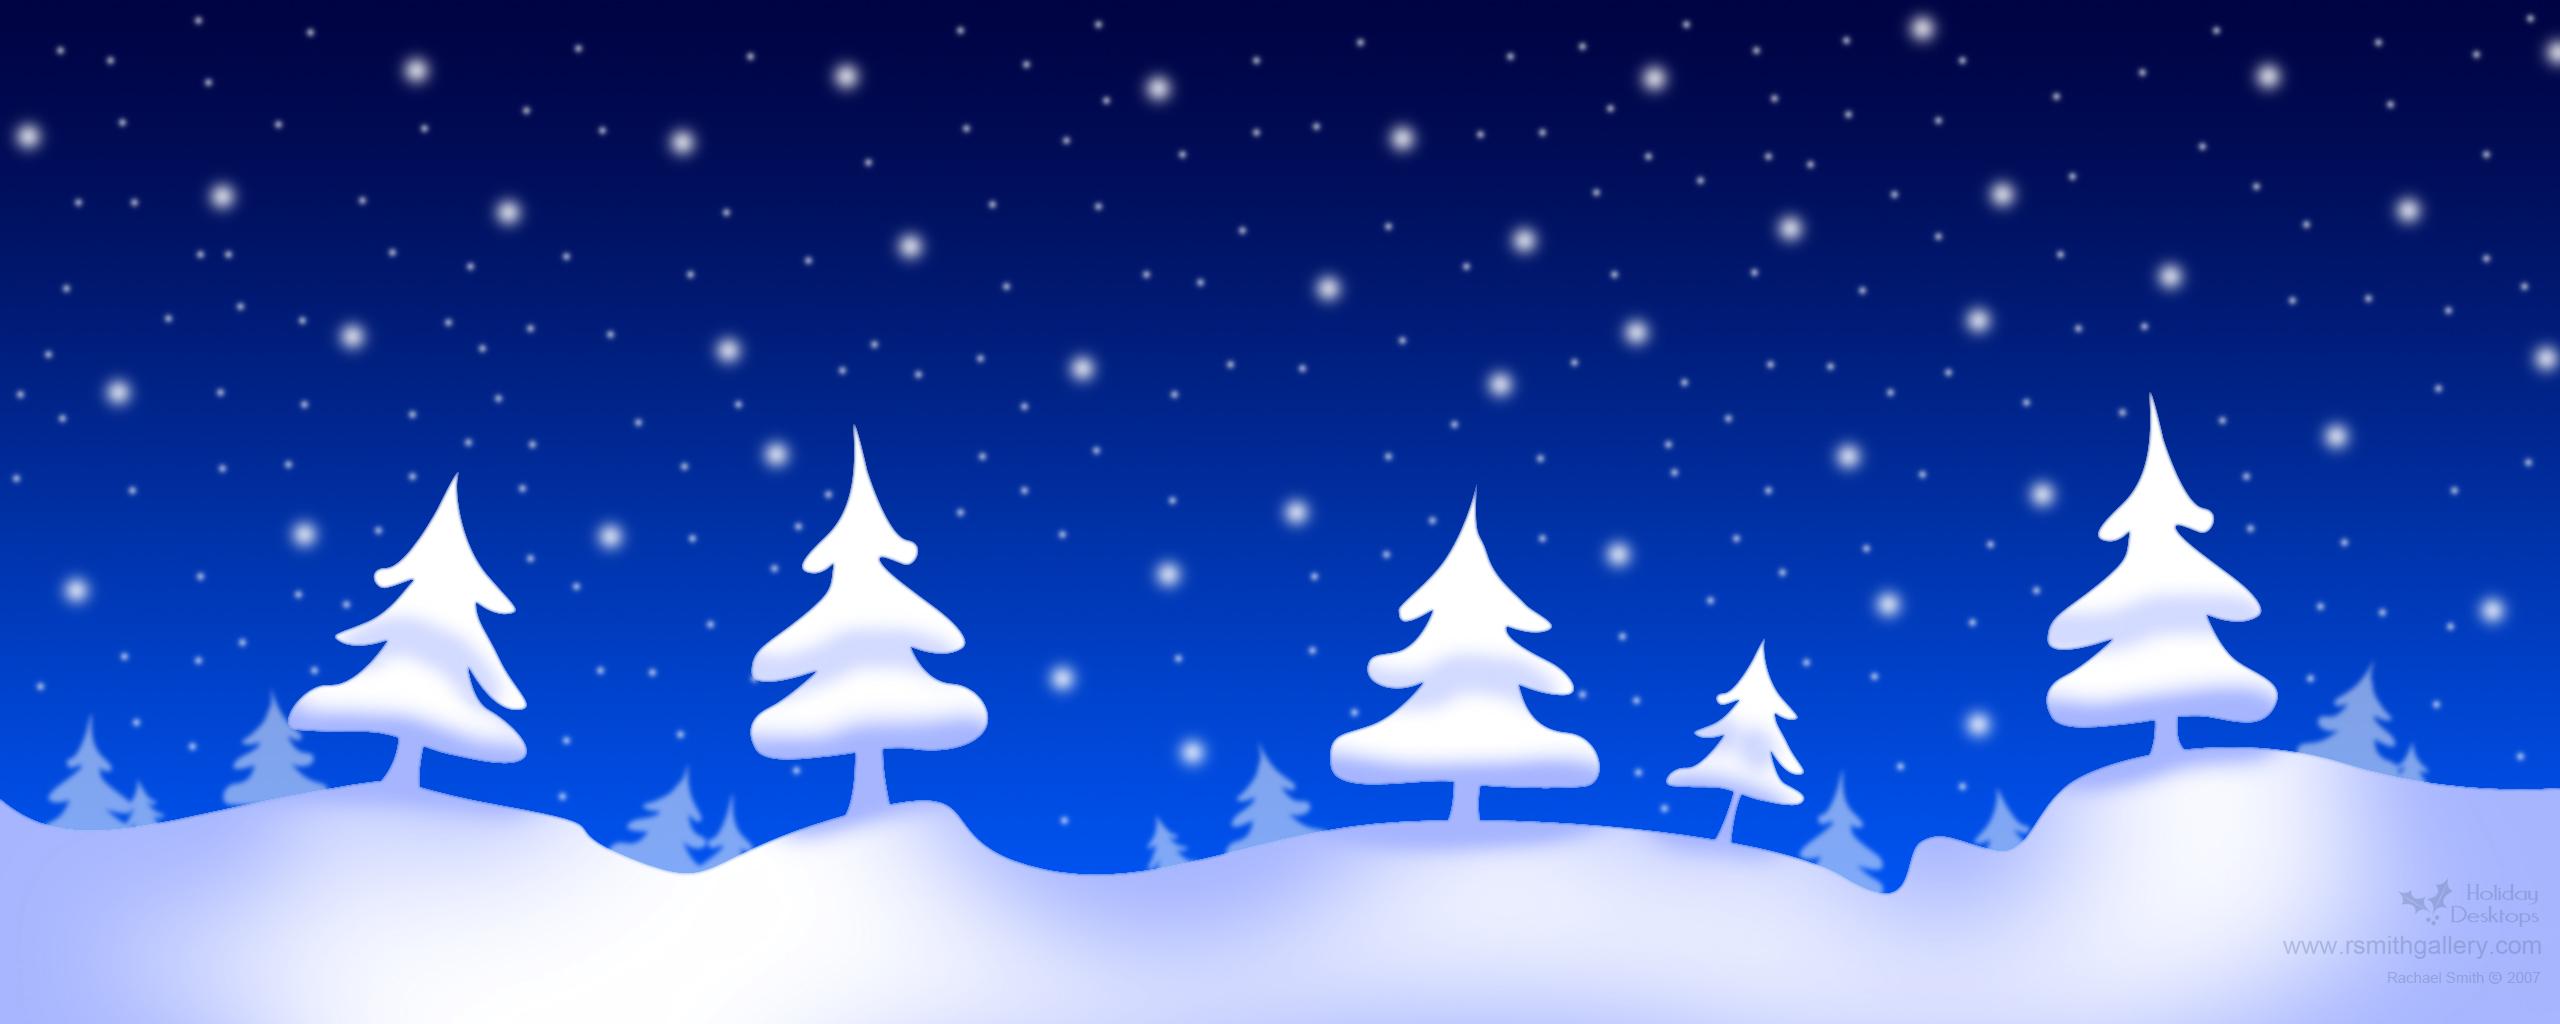 Holiday Cheer - Winter Night